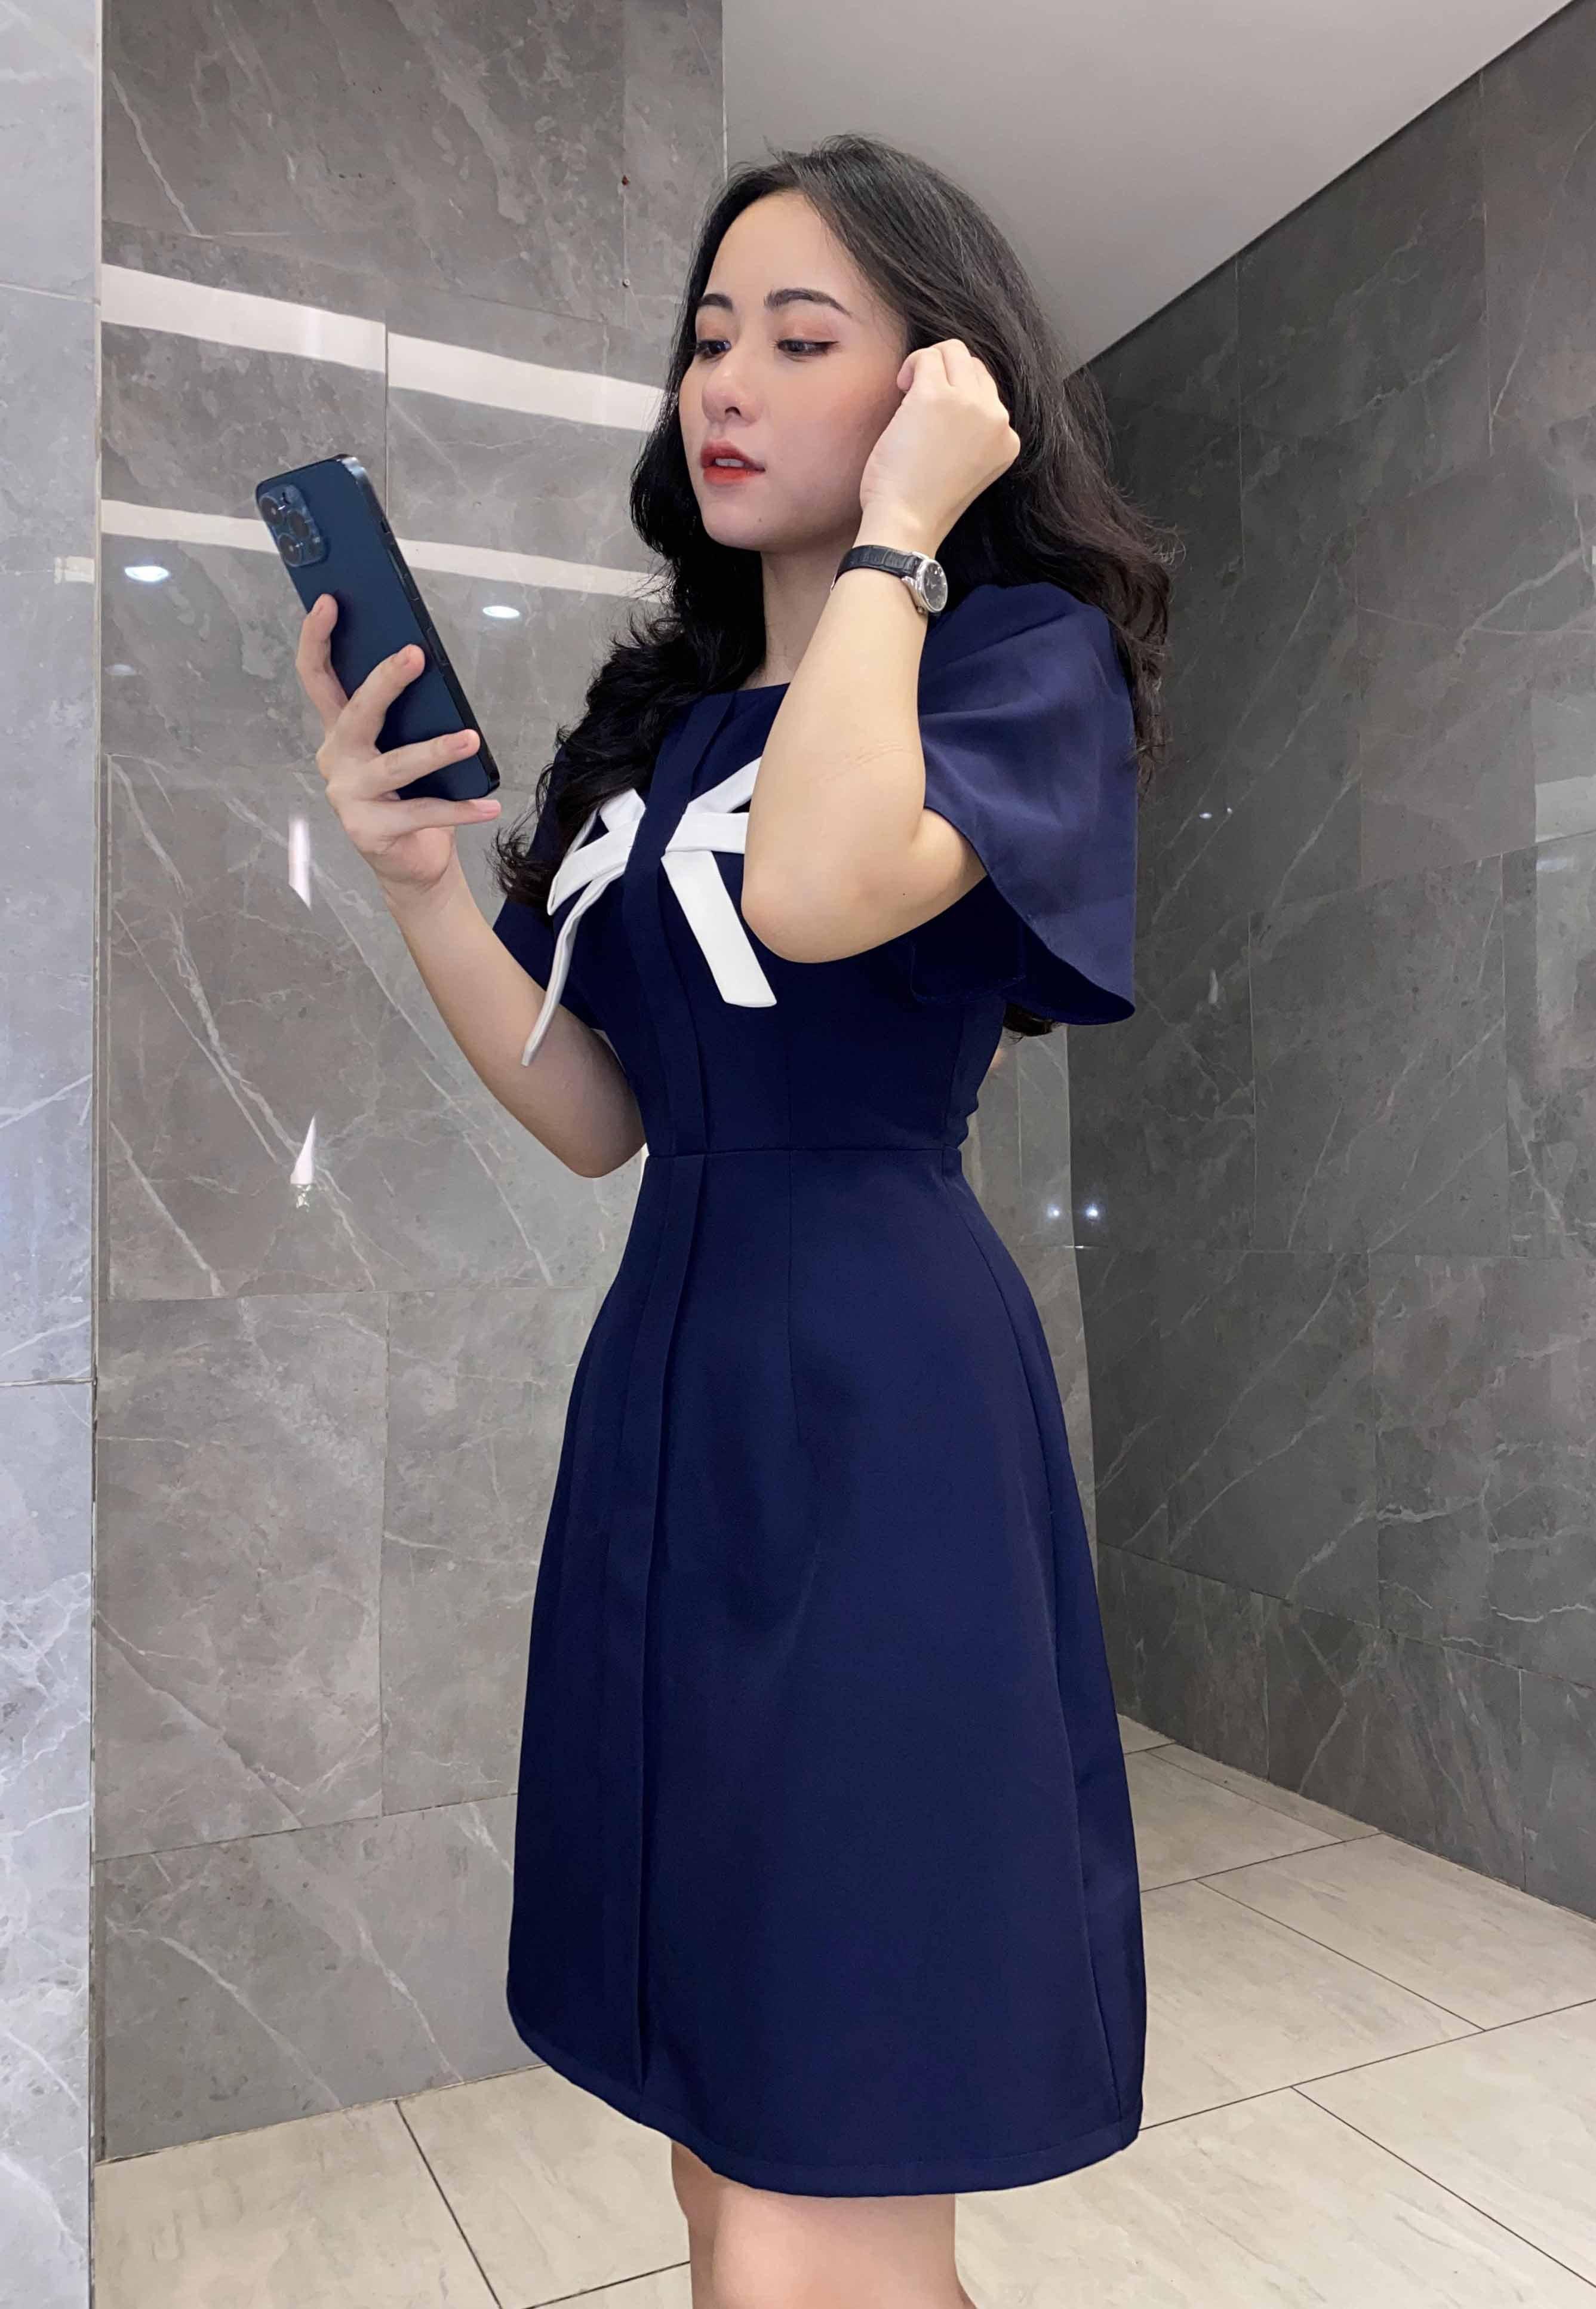 Đầm xanh đen SIÊU HACK DÁNG che bụng mỡ cho nàng nấm lùn